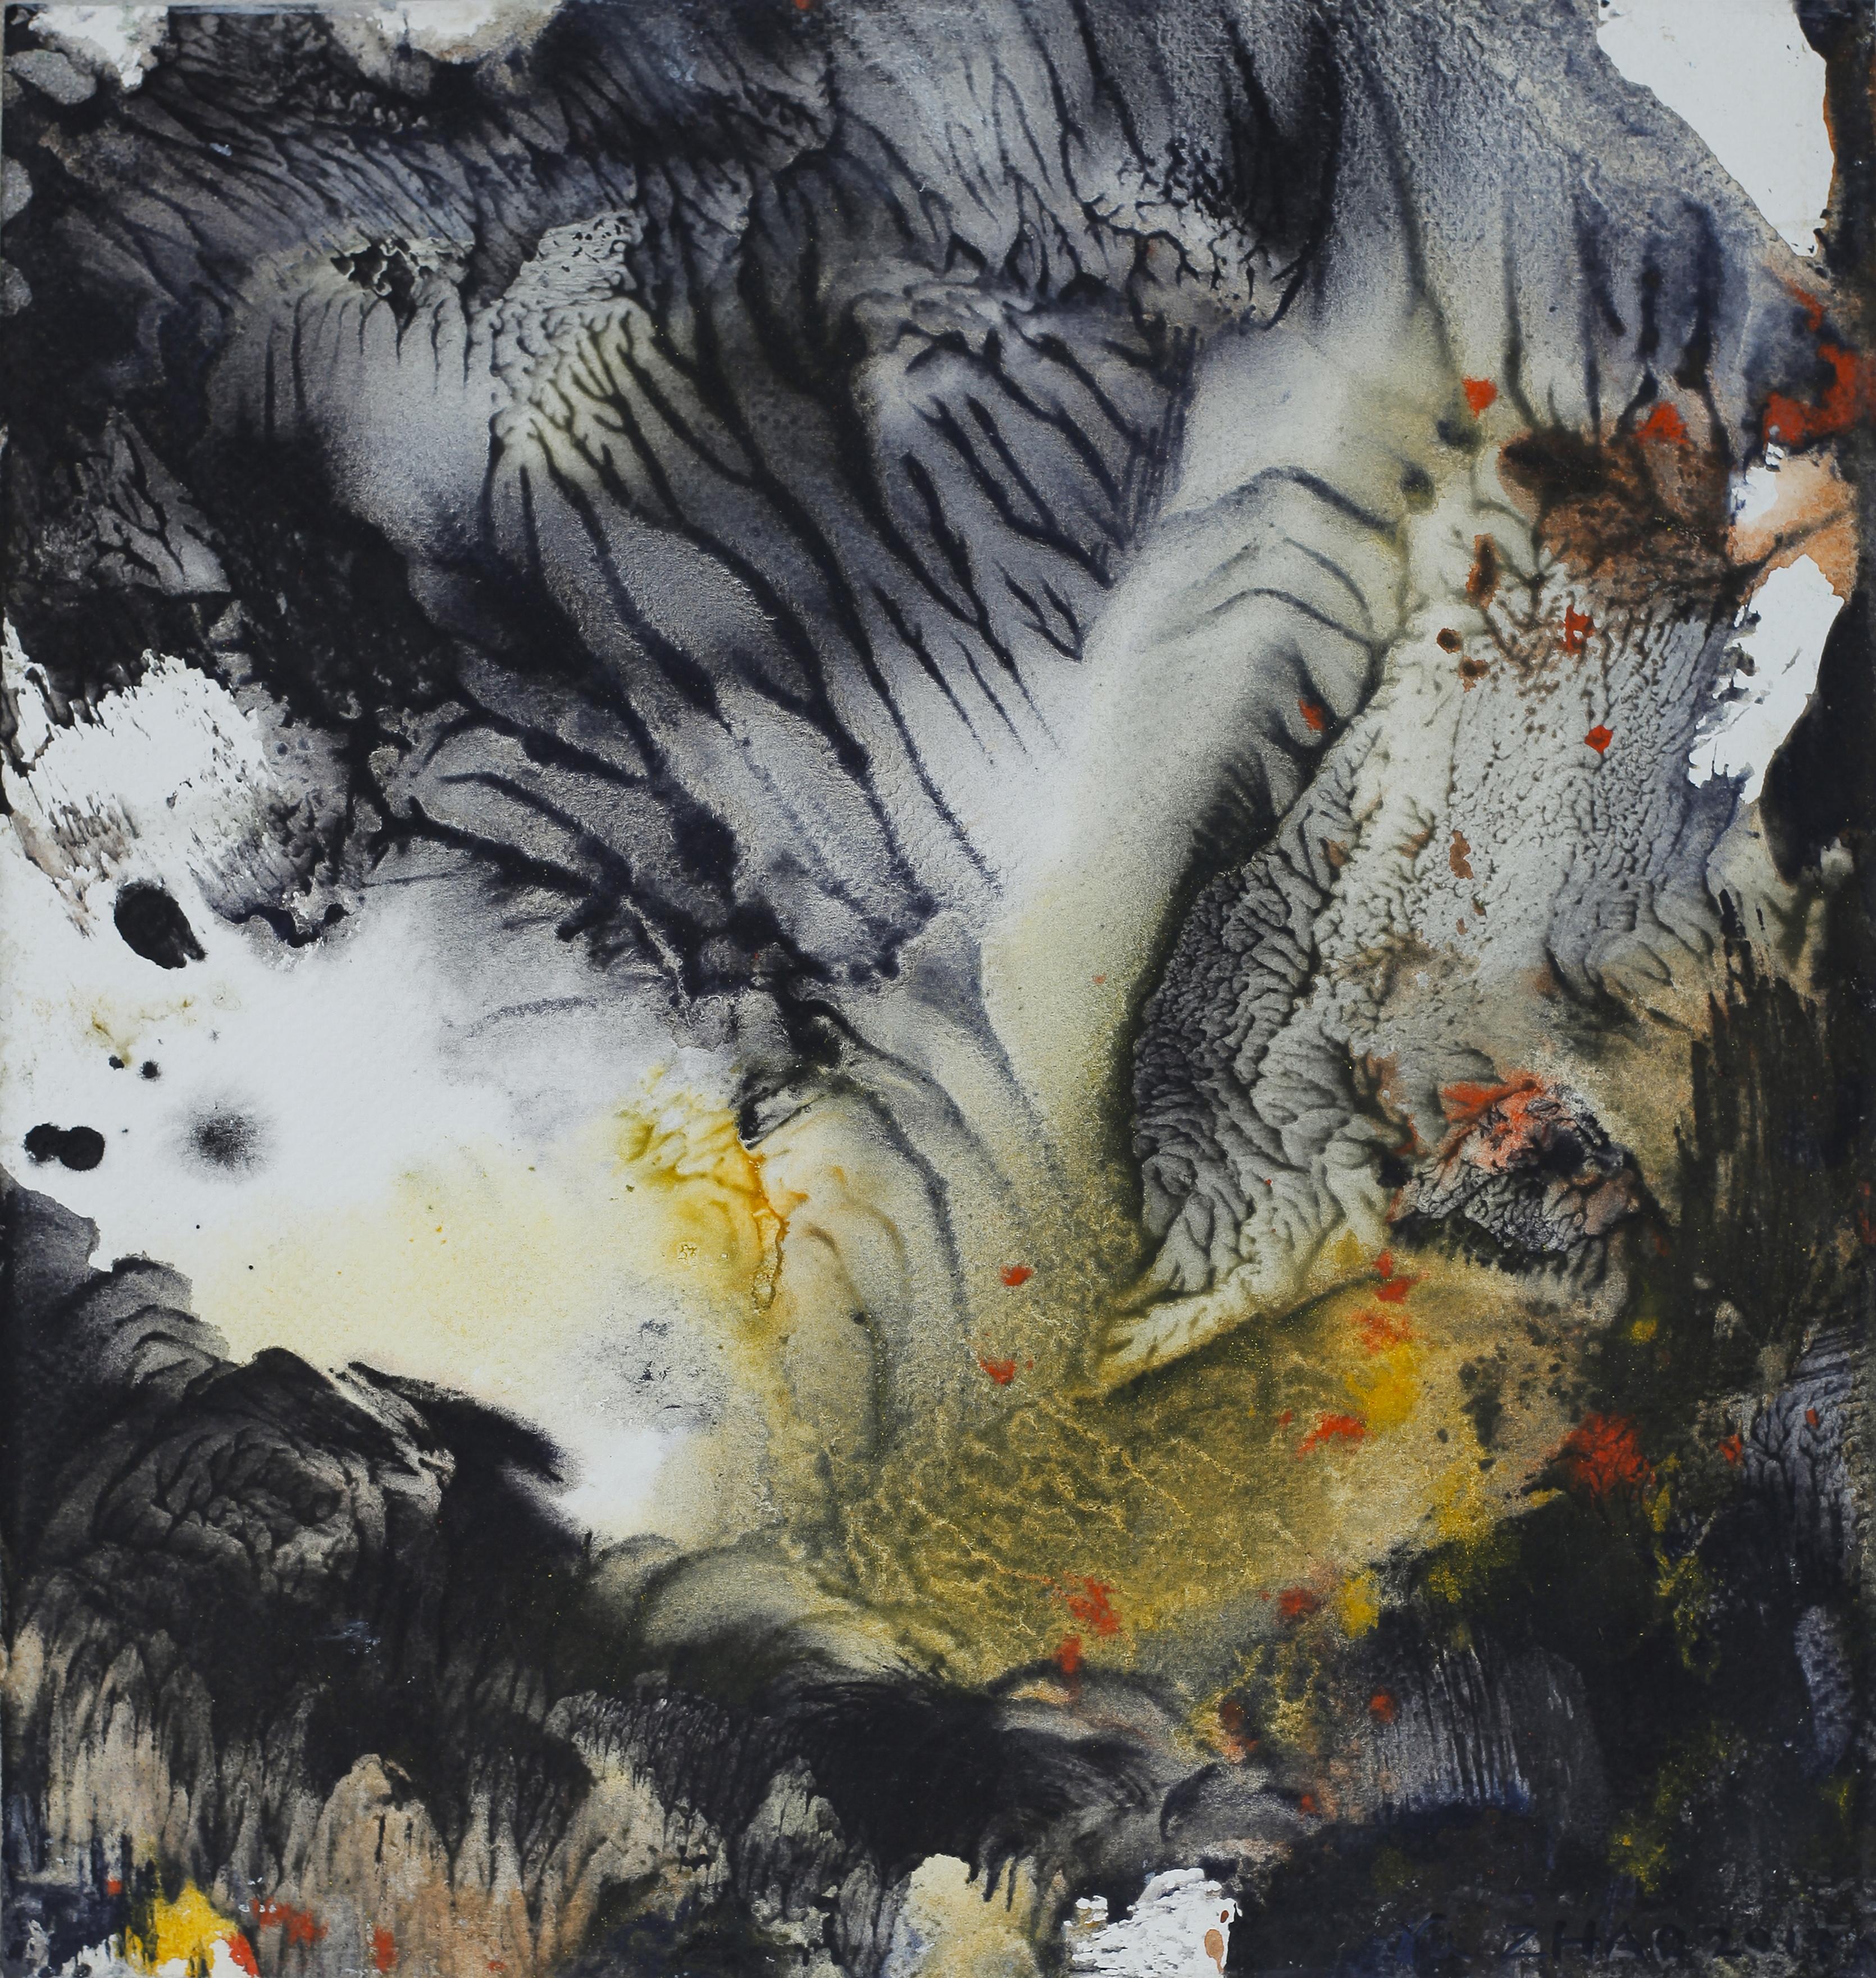 Yu Zhao, Prémisses du printemps, tempera/paper/canvas, 30x28cm, 2017